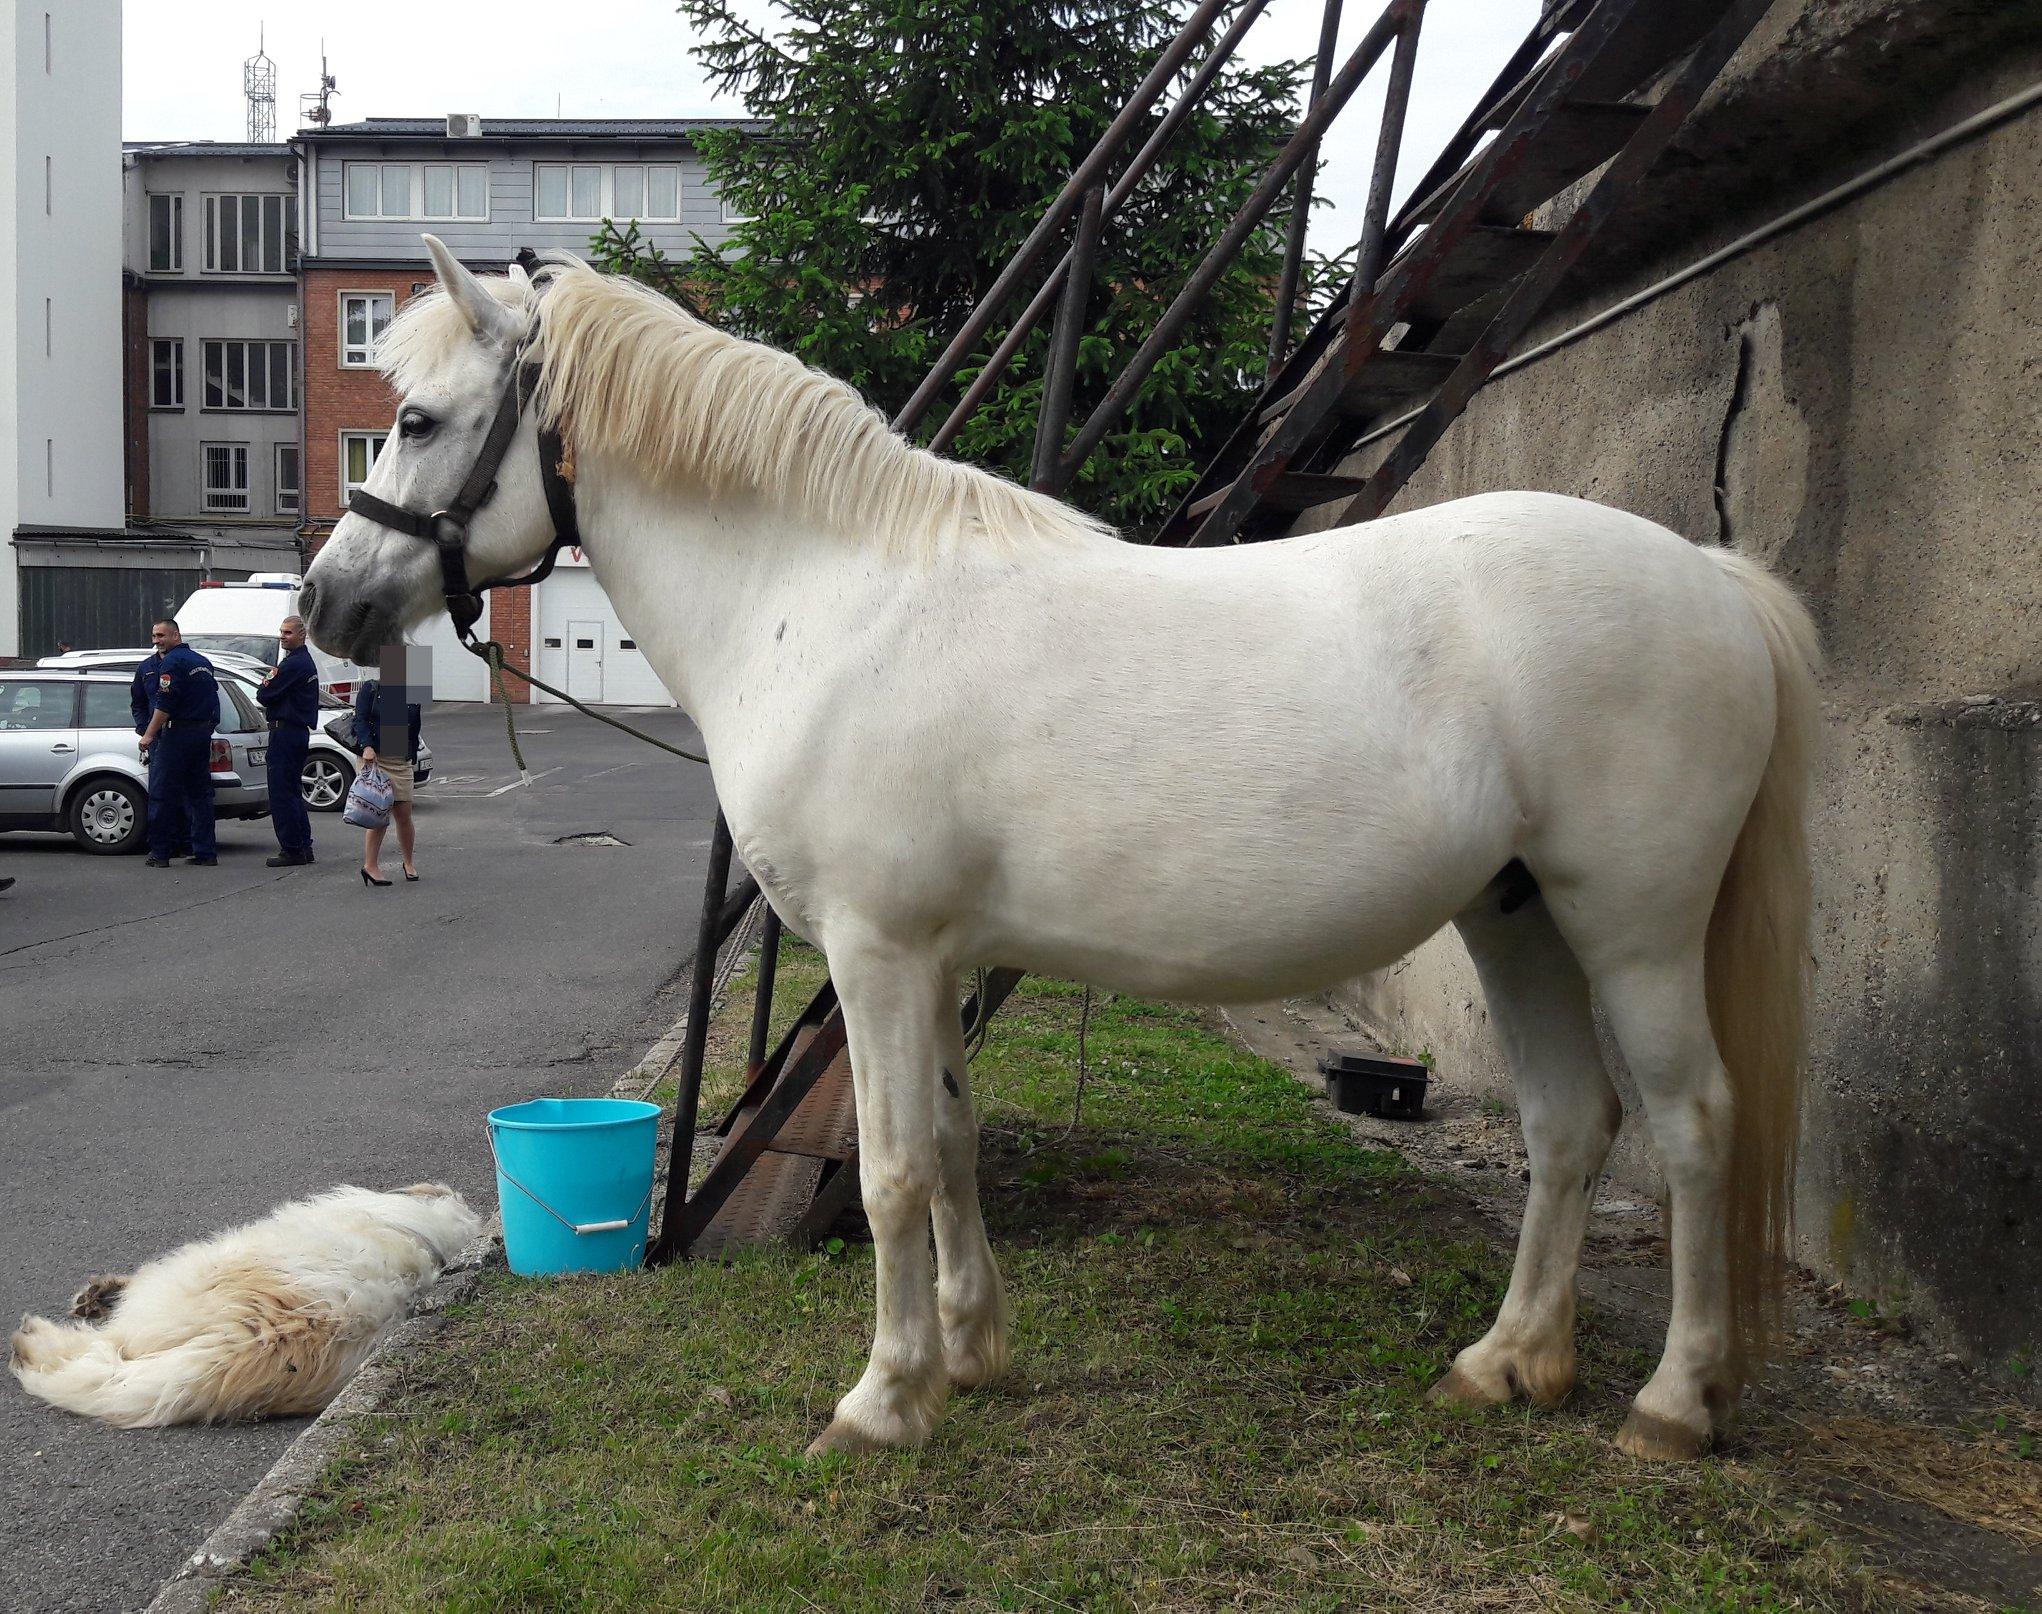 Kiderült, hogy került a miskolci tűzoltóságra a fehér ló meg a fehér kutya